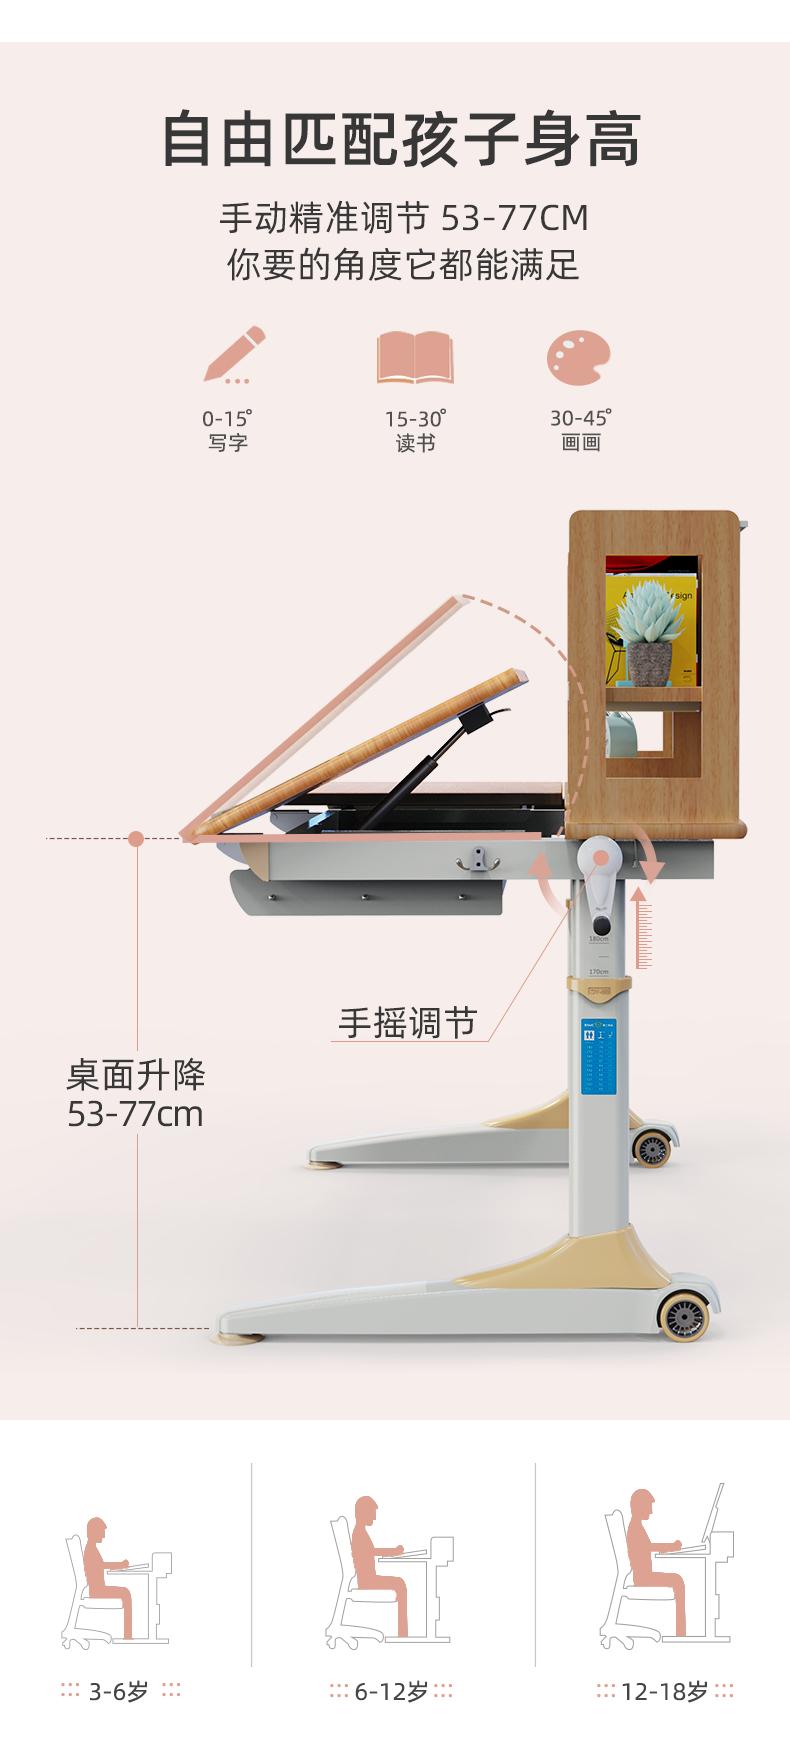 常青藤12010-S多功能学习桌桌面升降与倾斜介绍